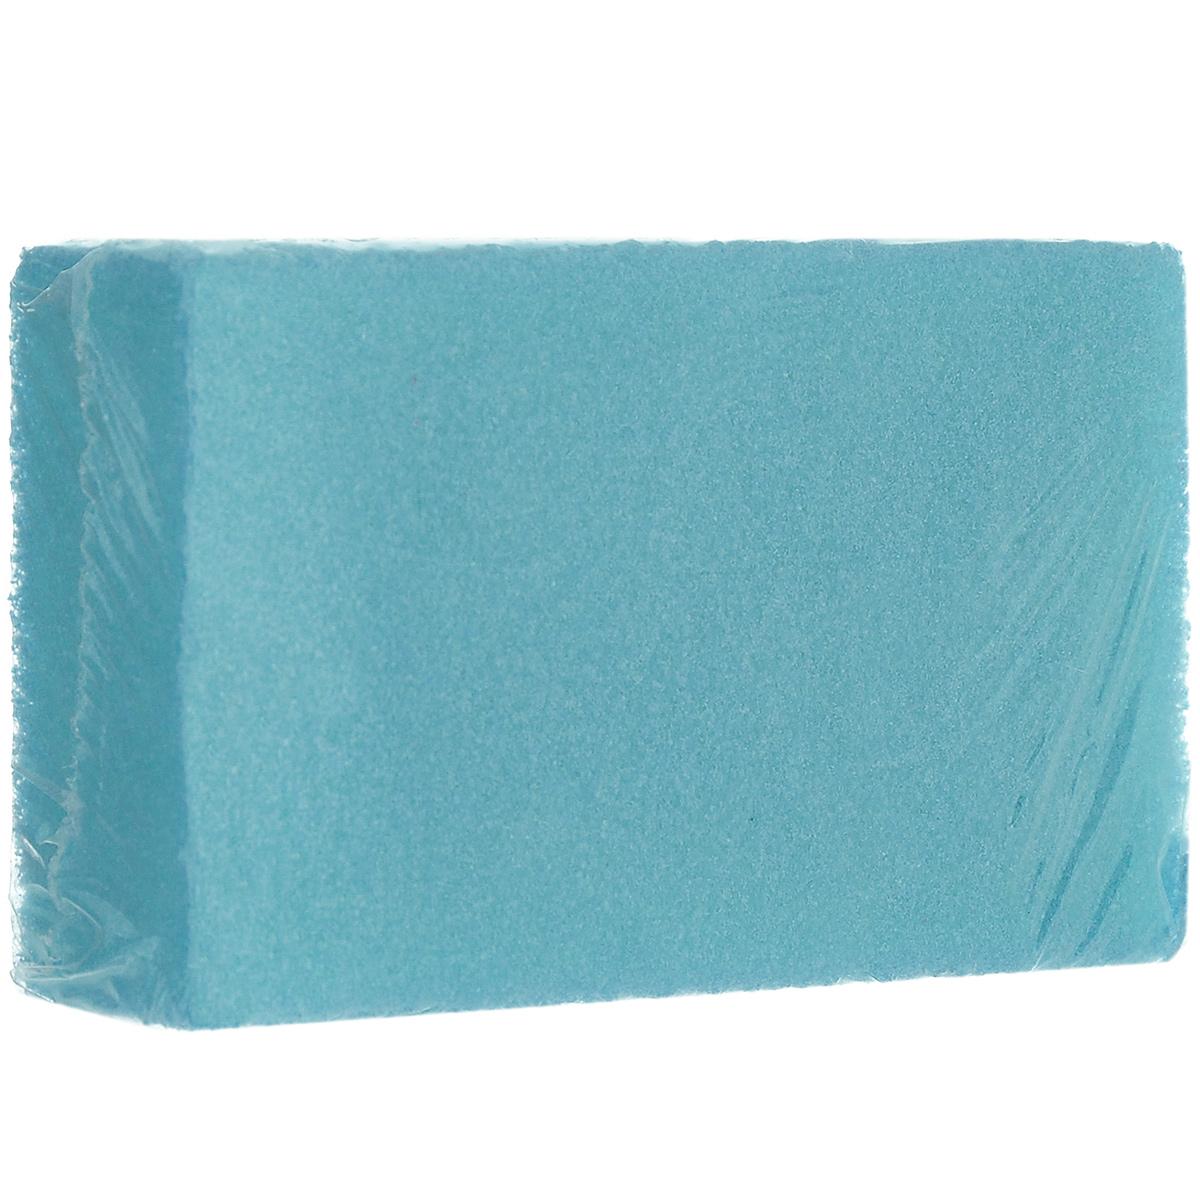 Пемза искусственная Eva, цвет: бирюзовый, 8 см х 5 см х 2,5 смТ74 бирюзаИскусственная пемза Eva изготовлена из пенополиуретана. Она в одно мгновение справиться с огрубевшей кожей ног. После ее использования кожа ваших ног станет гладкой и эластичной. Этот замечательный аксессуар пригодится и в ванной, и в бане.